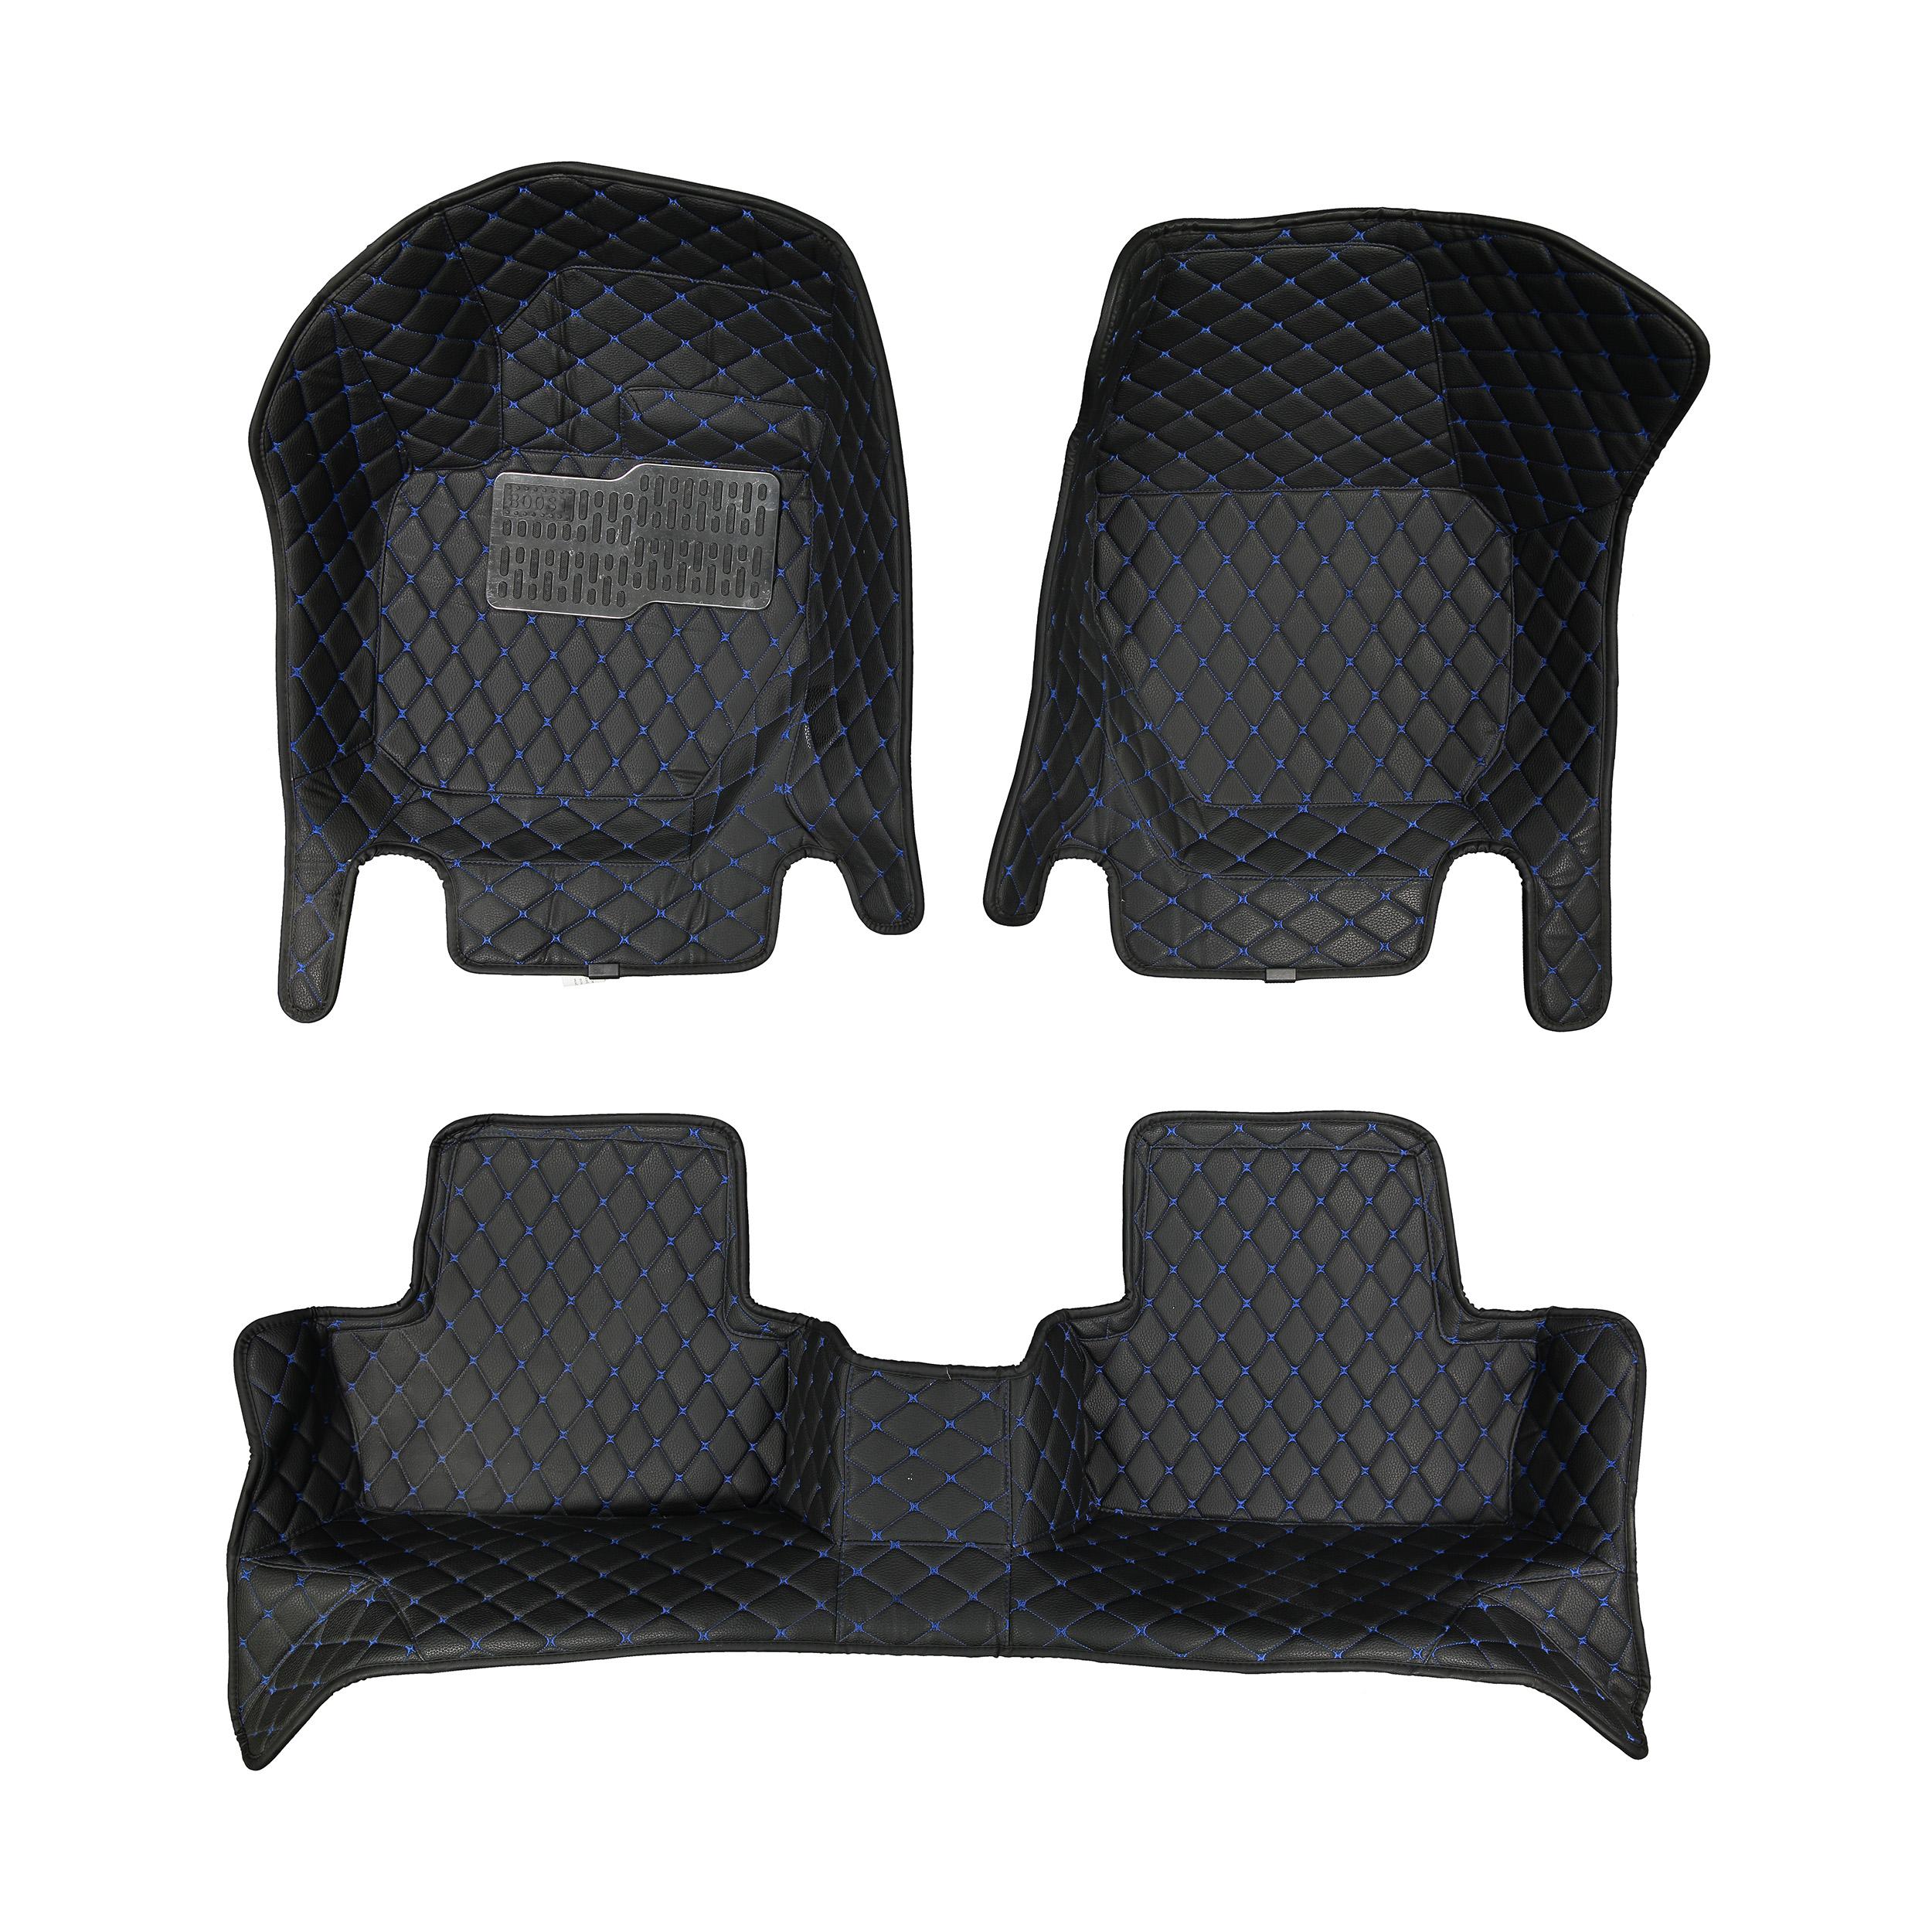 کف پوش خودرو بوست کد 002 مناسب برای خودرو ولوو XC60